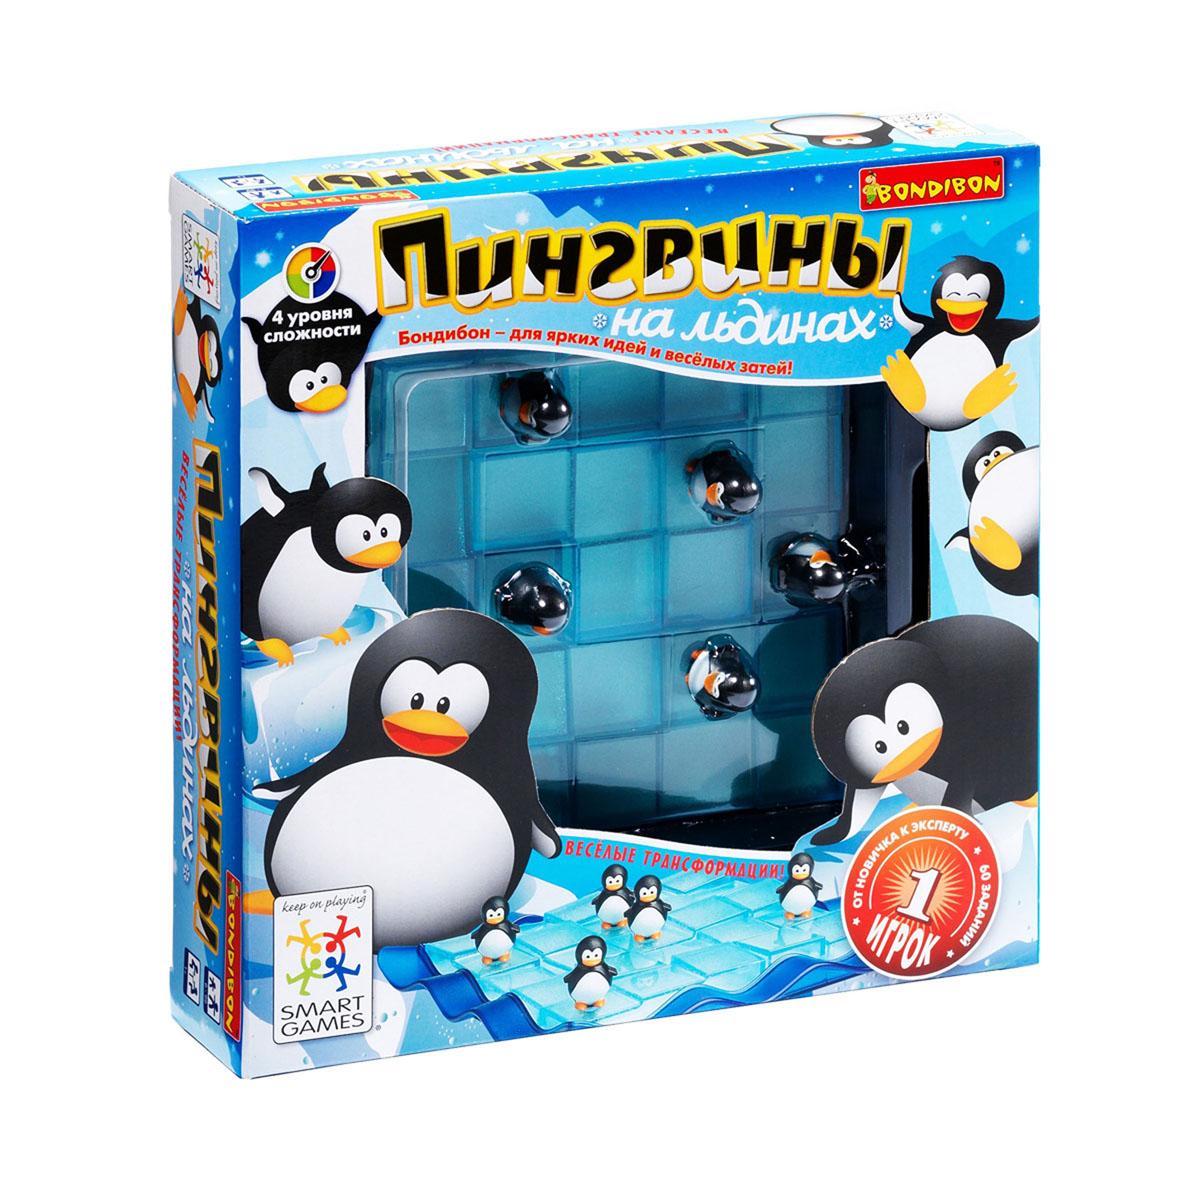 Логическая игра Bondibon SmartGames Пингвины на льдинахВВ08515 маленьких пингвинчиков оказались на огромных плавучих льдинах Ледовитого океана и едва удерживаются на скользком льду! Задача игрока - расположить на игровом поле обломки льдин таким образом, чтобы пингвины оказались в безопасности. Форму льдин можно легко трансформировать, но чтобы решить, где именно расположить каждую деталь и какой формы она должна быть, придется хорошенько подумать! Игра предусматривает 60 заданий 4 уровней сложности. В комплект игры входят: игровое поле, буклет с заданиями и ответами и 5 элементов-льдин. Логическая игра Bondibon SmartGames Пингвины на льдинах - отличный вариант детского развивающего досуга.